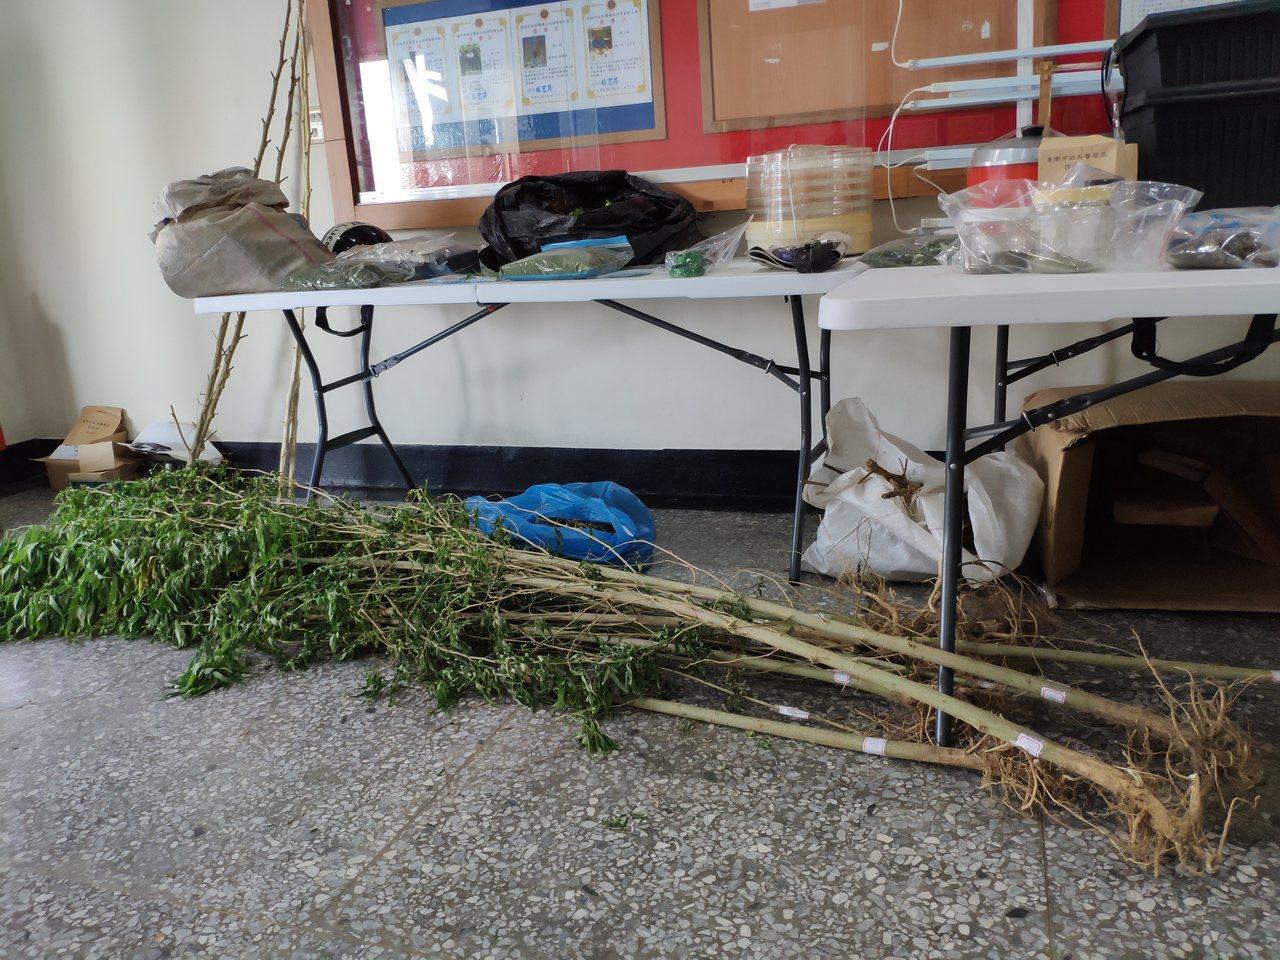 台糖仁德虎山農場傳出有人偷種大麻;警方查扣大批大麻活株。記者謝進盛/攝影